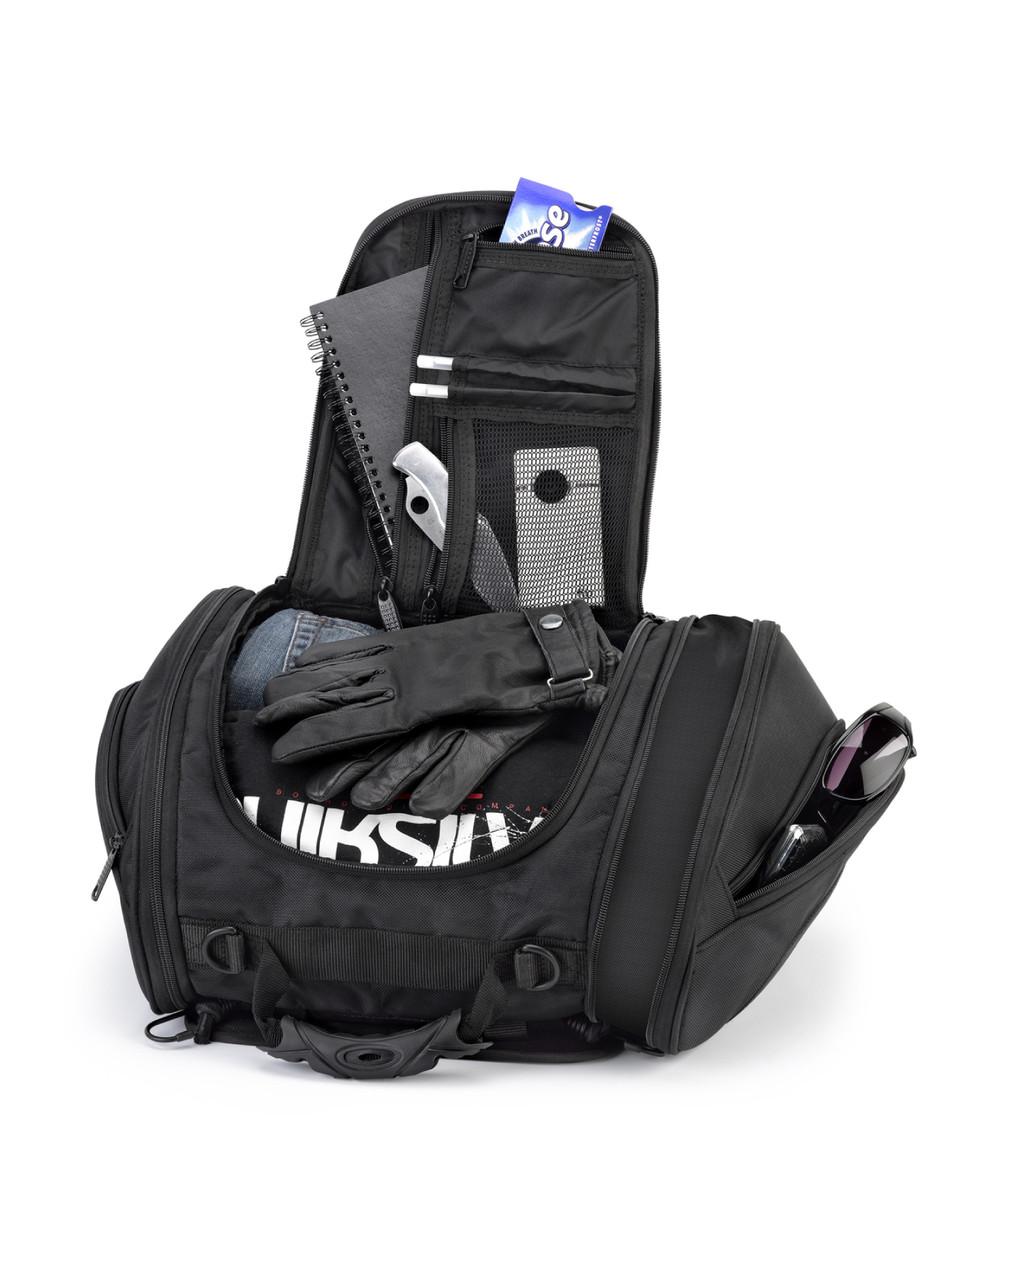 Viking Sport Motorcycle Tail Bag Storage View